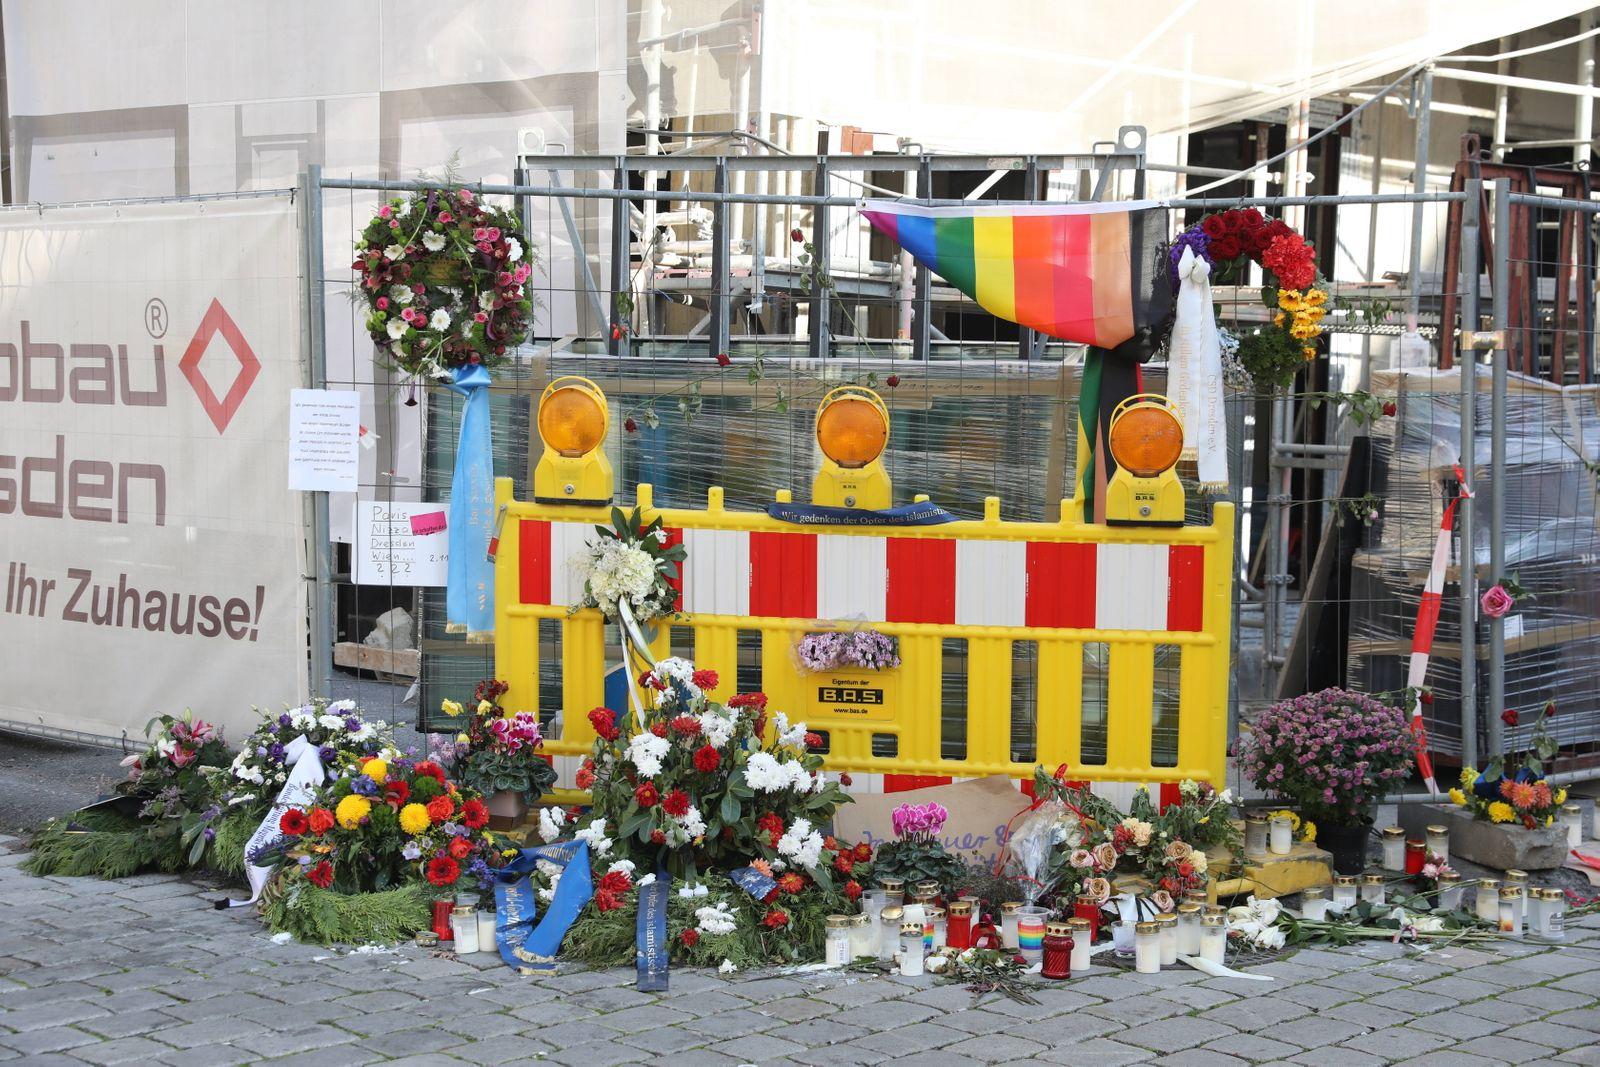 Im Bild: Kränze, Blumen und viele Kerzen sind an der Stelle an der Schloßstraße in Dresden zu finden, an welcher Abdulla